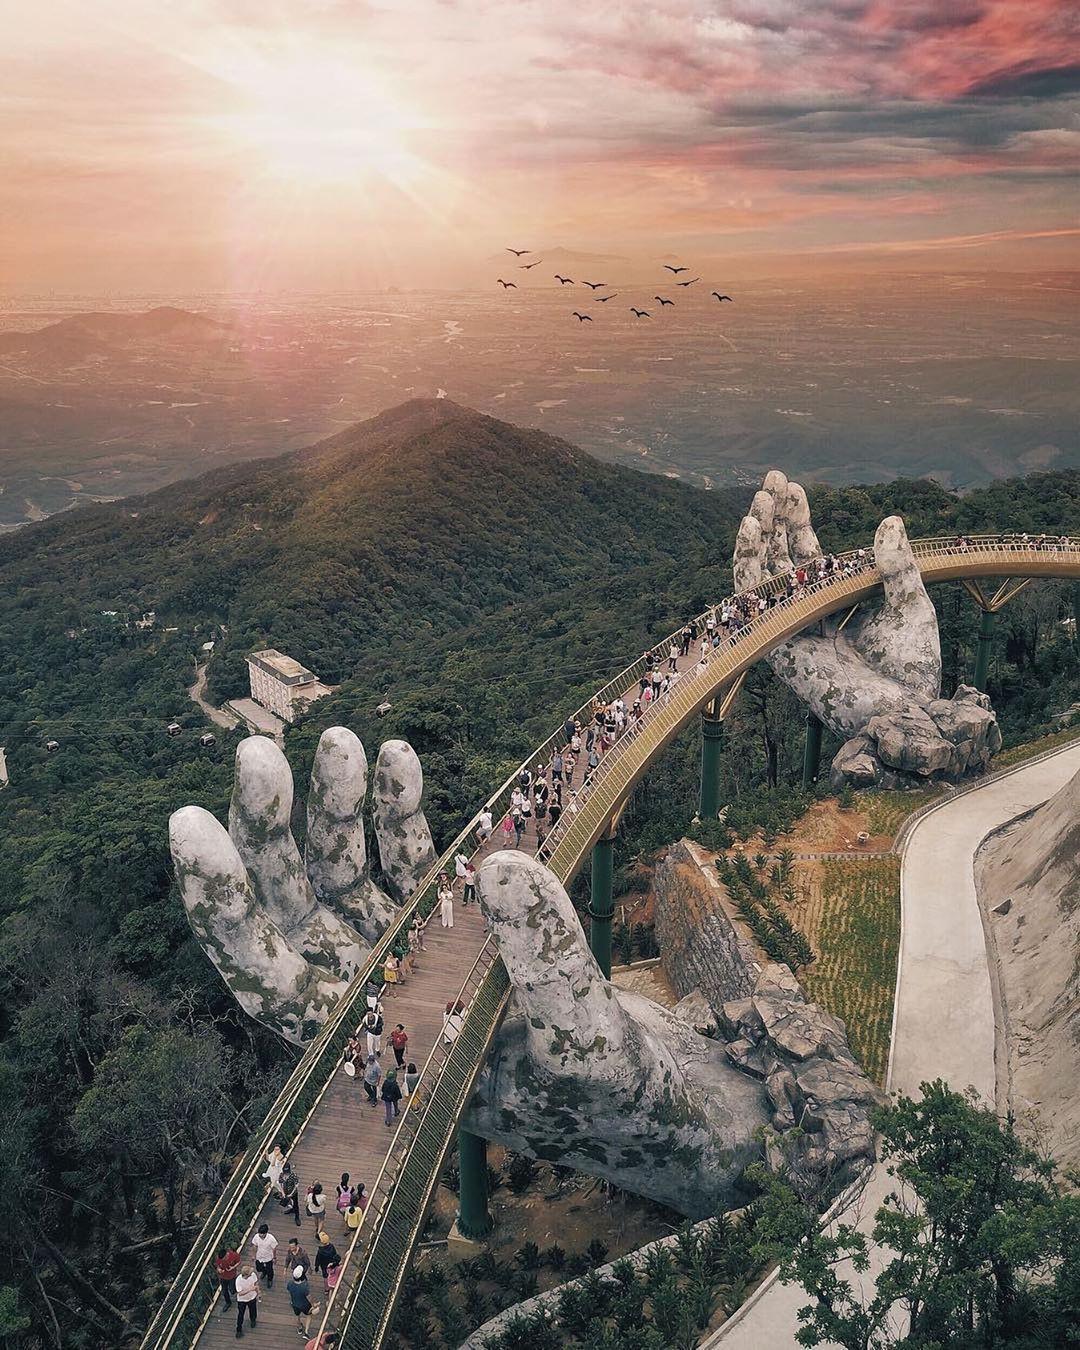 Tưởng Cầu Vàng ở Đà Nẵng là độc nhất, nào ngờ Trung Quốc cũng có phiên bản tương tự, lại còn đạt kỷ lục Guinness? - Ảnh 2.